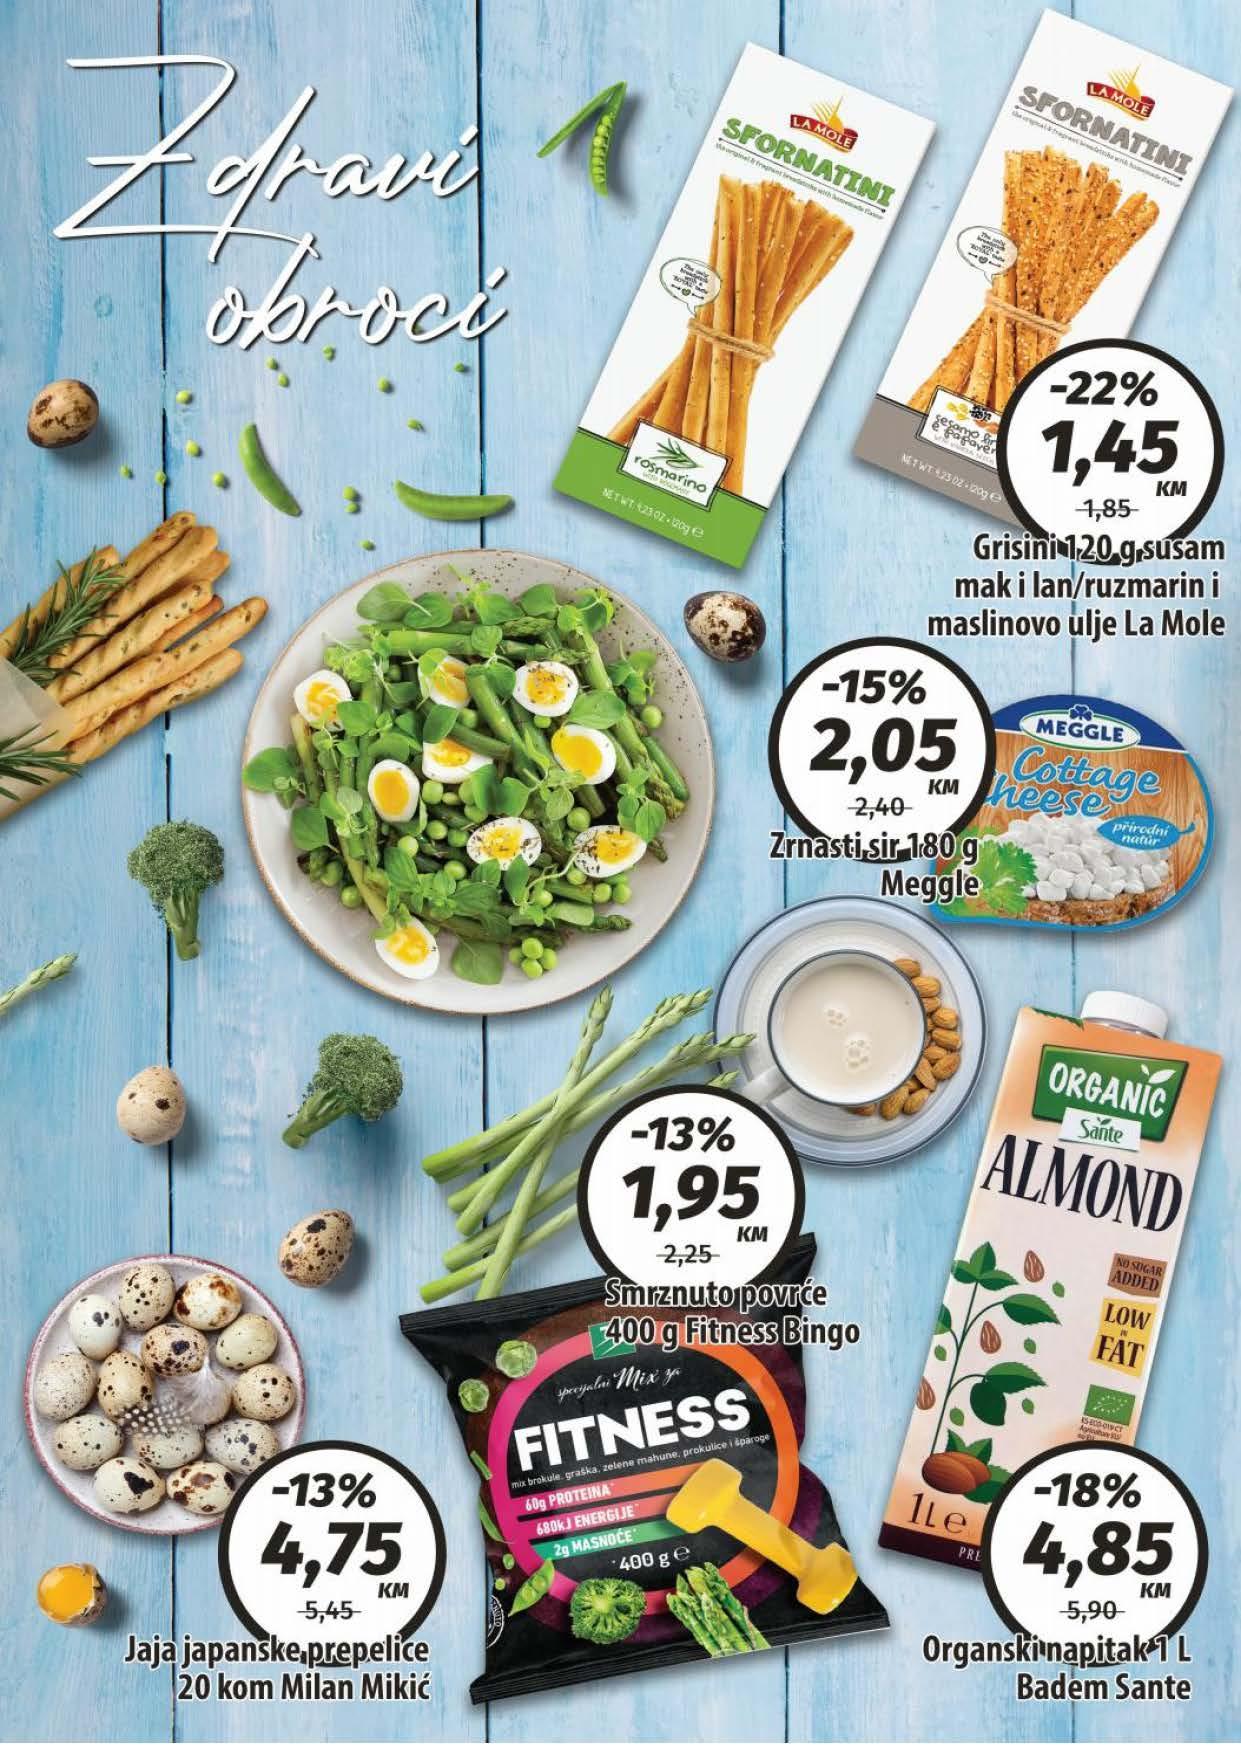 BINGO Katalog Magazin PLUS JUN i JUL 2021 15.6. 9.7. eKatalozi.com PR Page 06